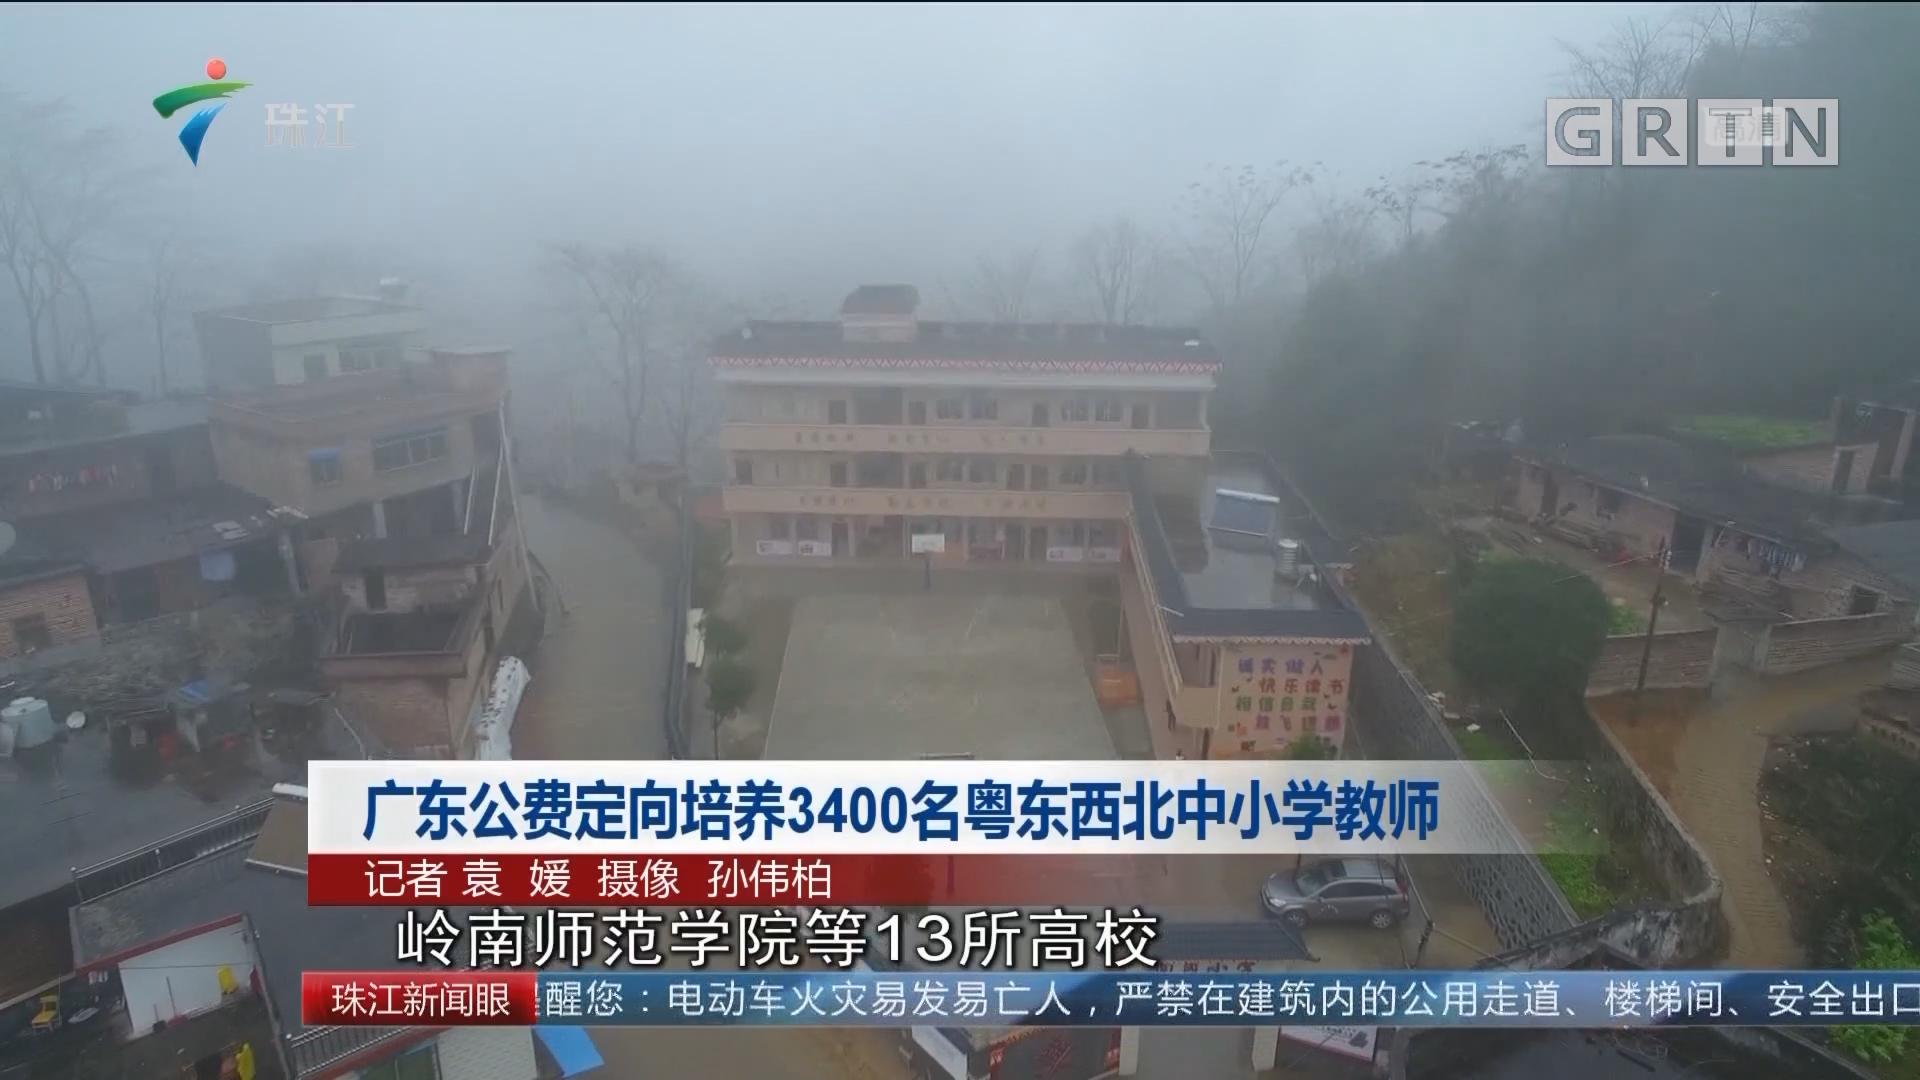 广东公费定向培养3400名粤东西北中小学教师